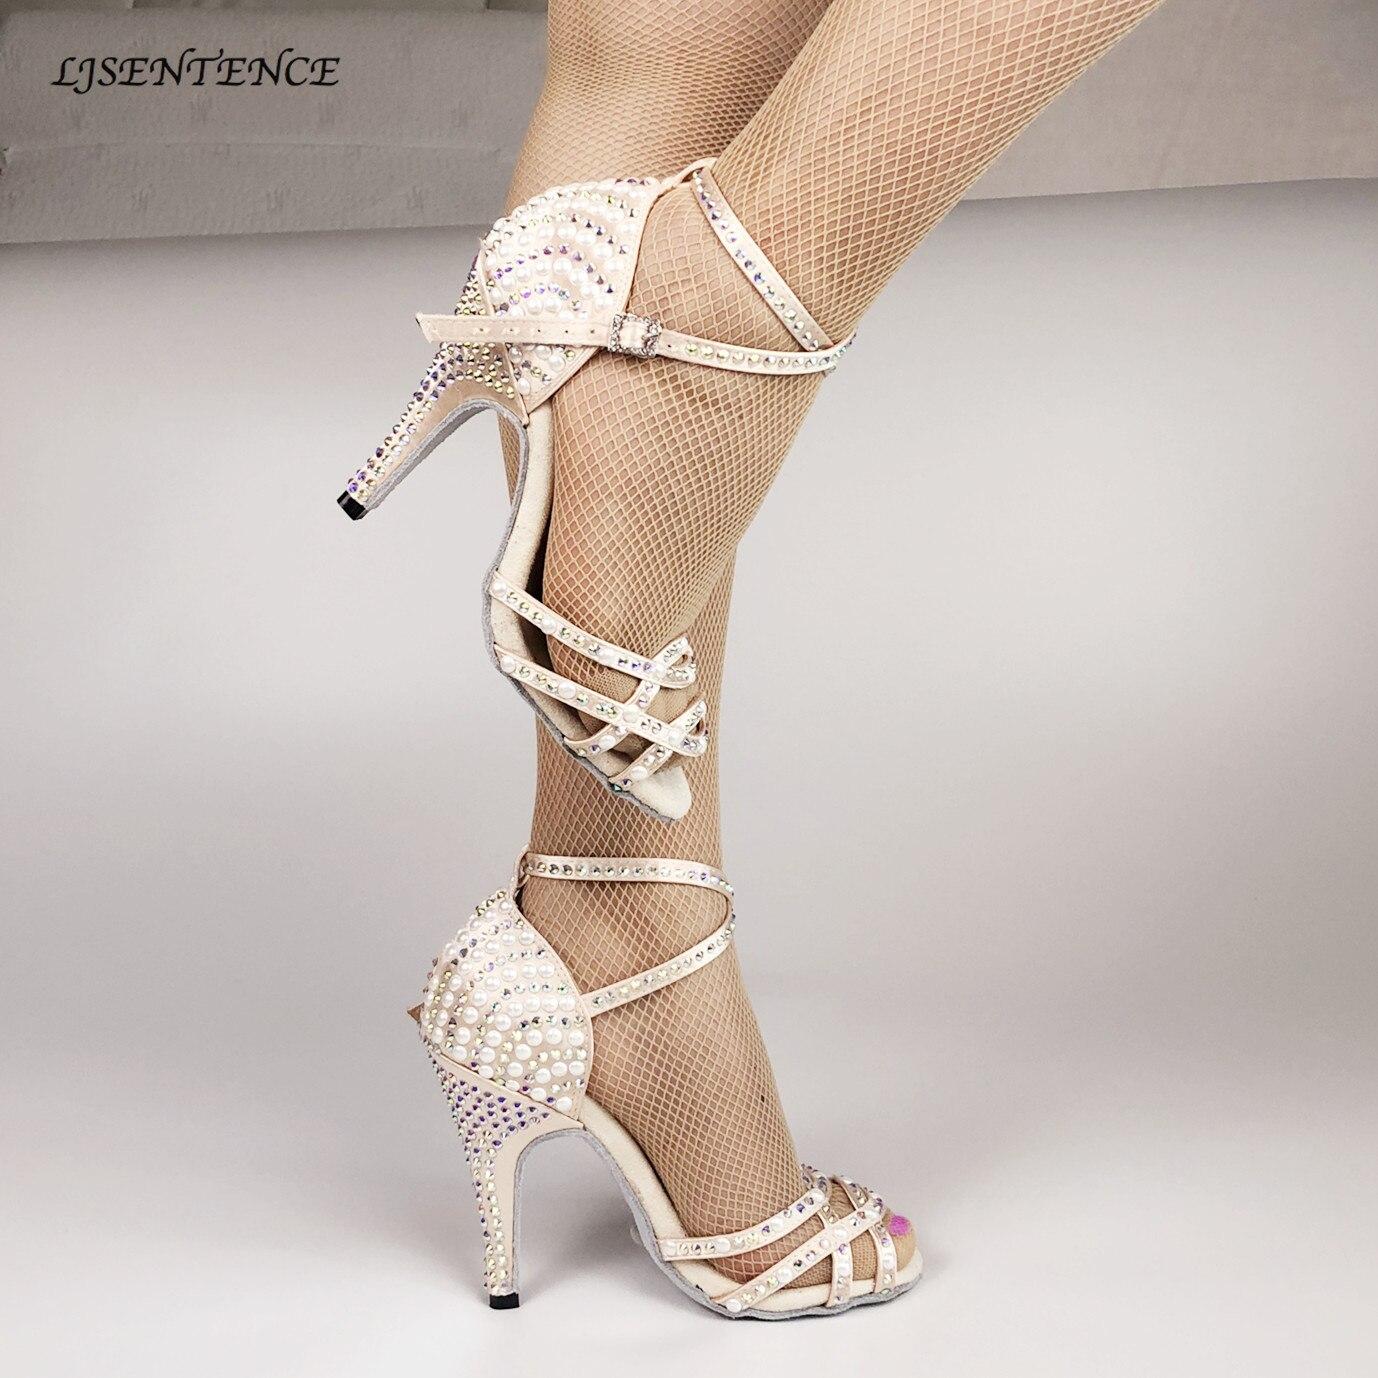 Mode salon Latin Tango danse chaussures pour femmes semelle souple talon haut 10 cm 3.94 pouces couleur de peau Stable Latin danse femmes chaussures les chaussures femme chaussure de danse chaussure compense femme